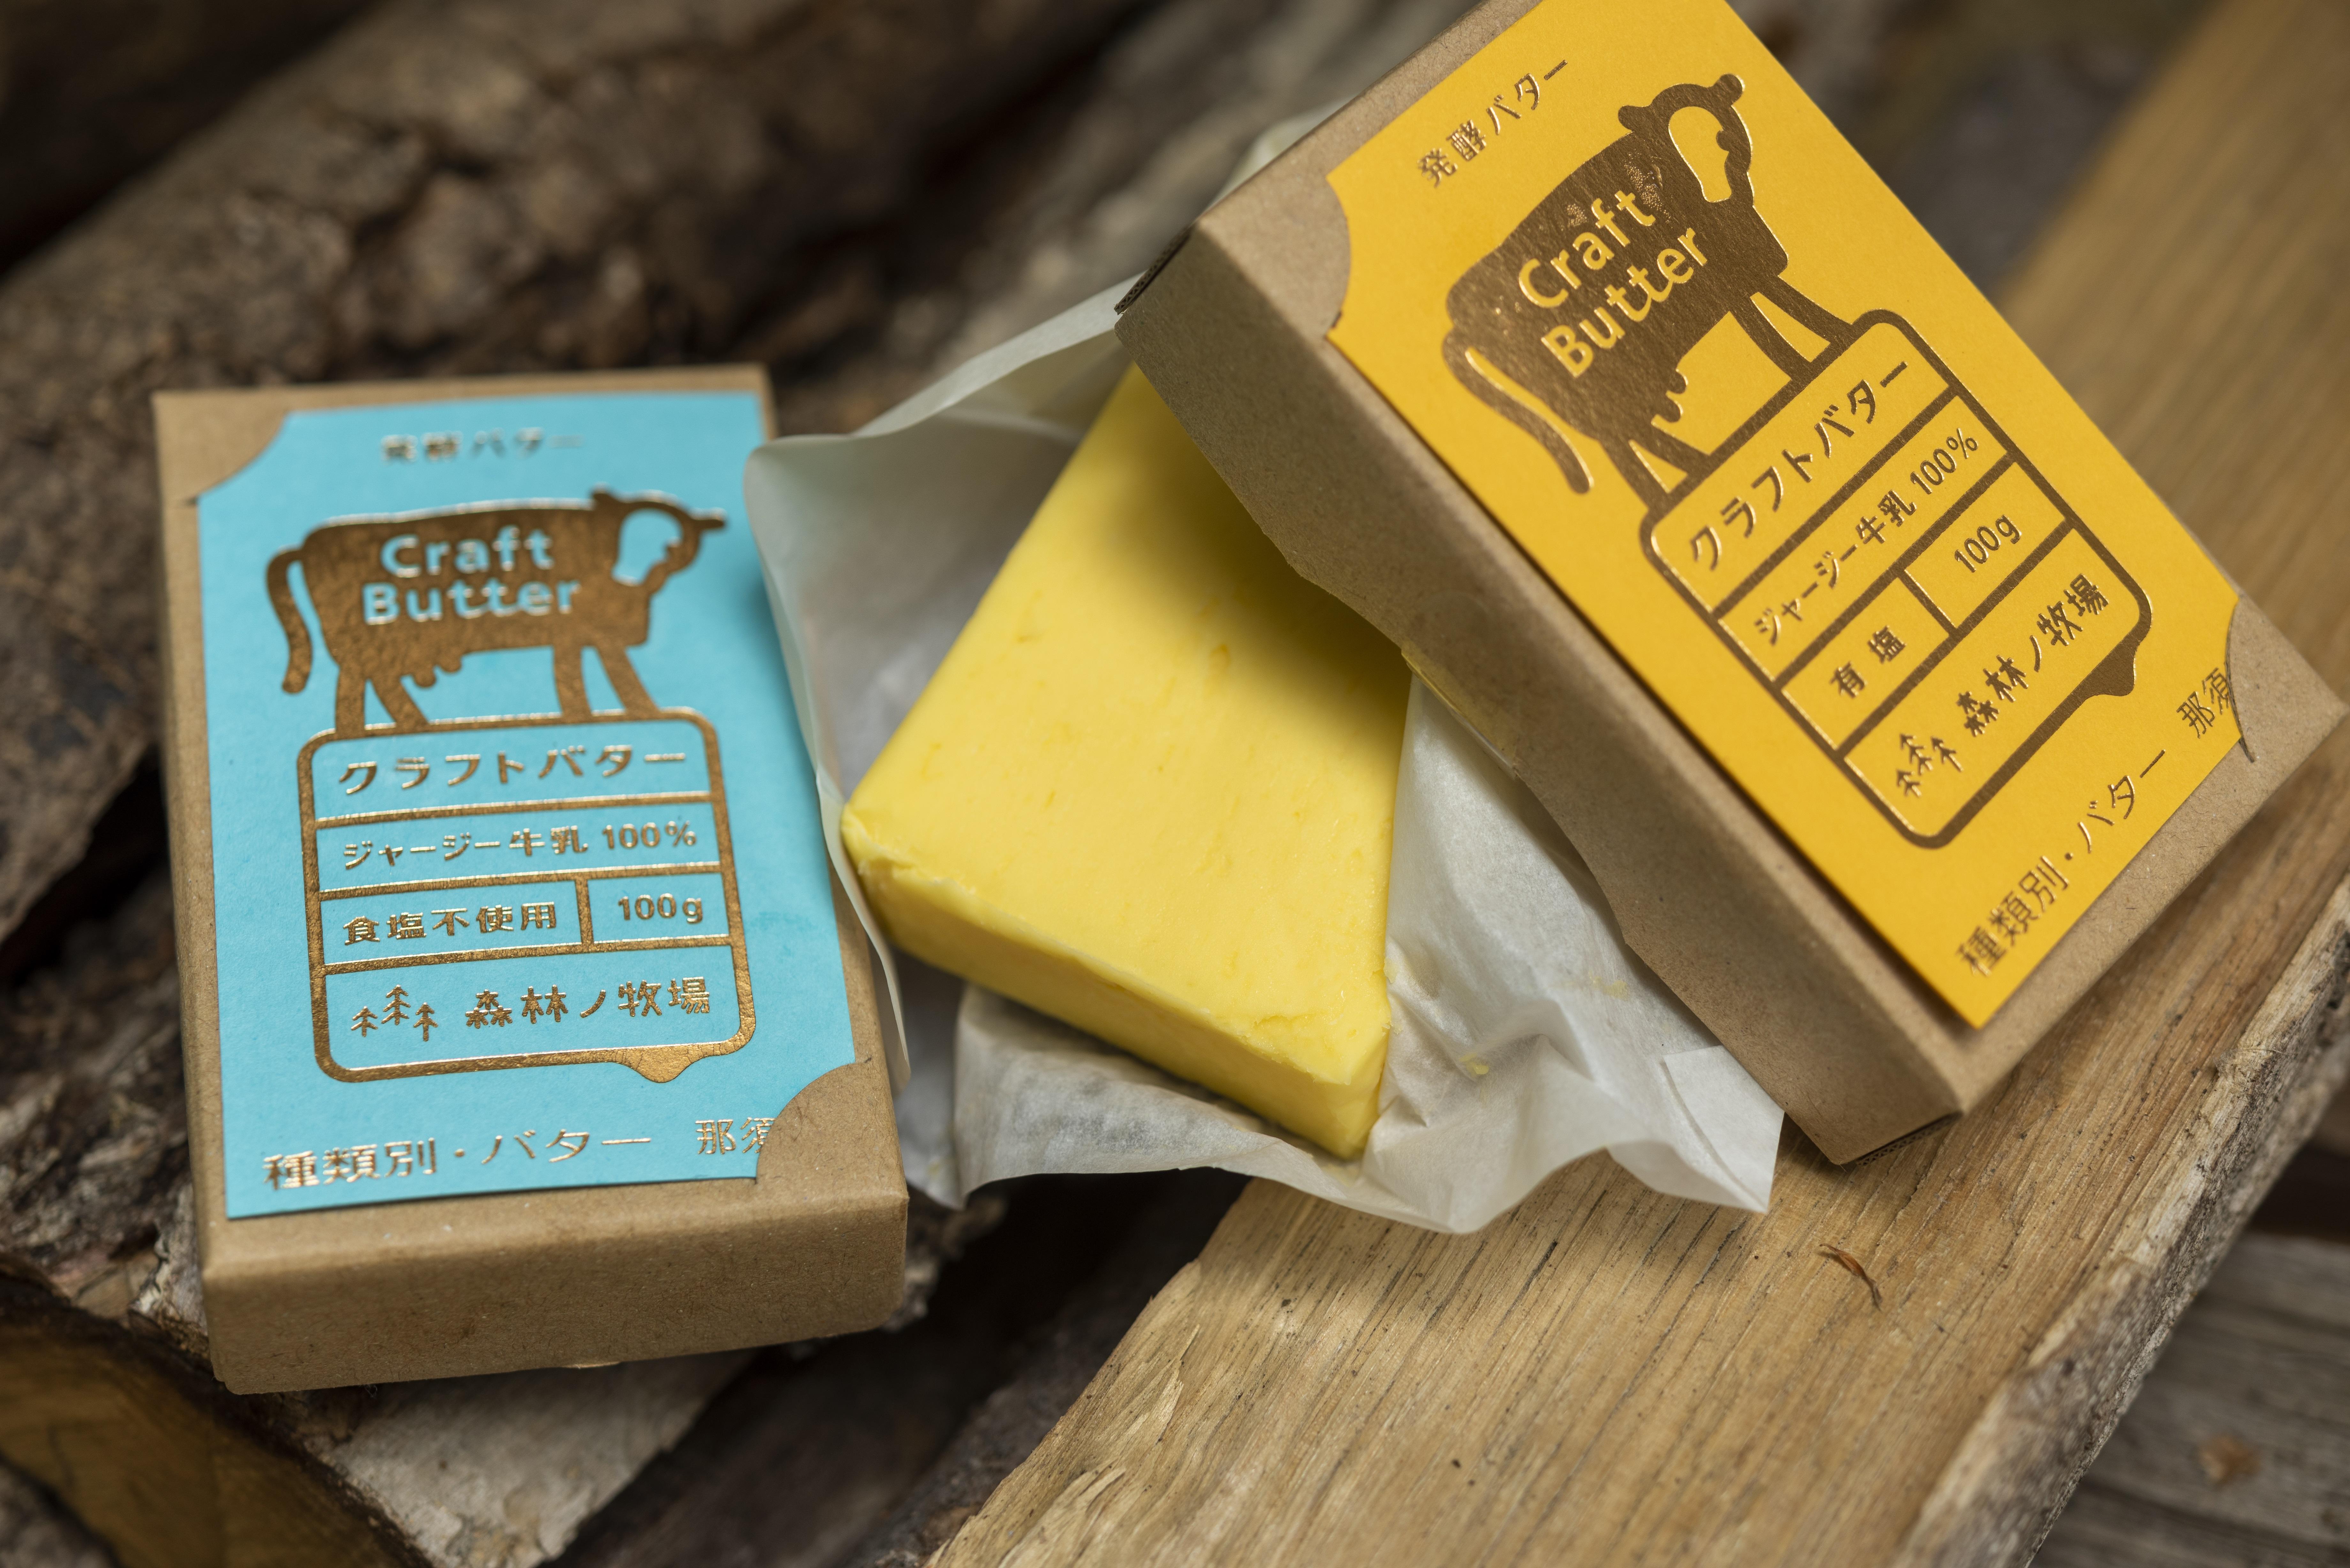 「発酵バター」100g  食塩不使用・有塩 各1,620円